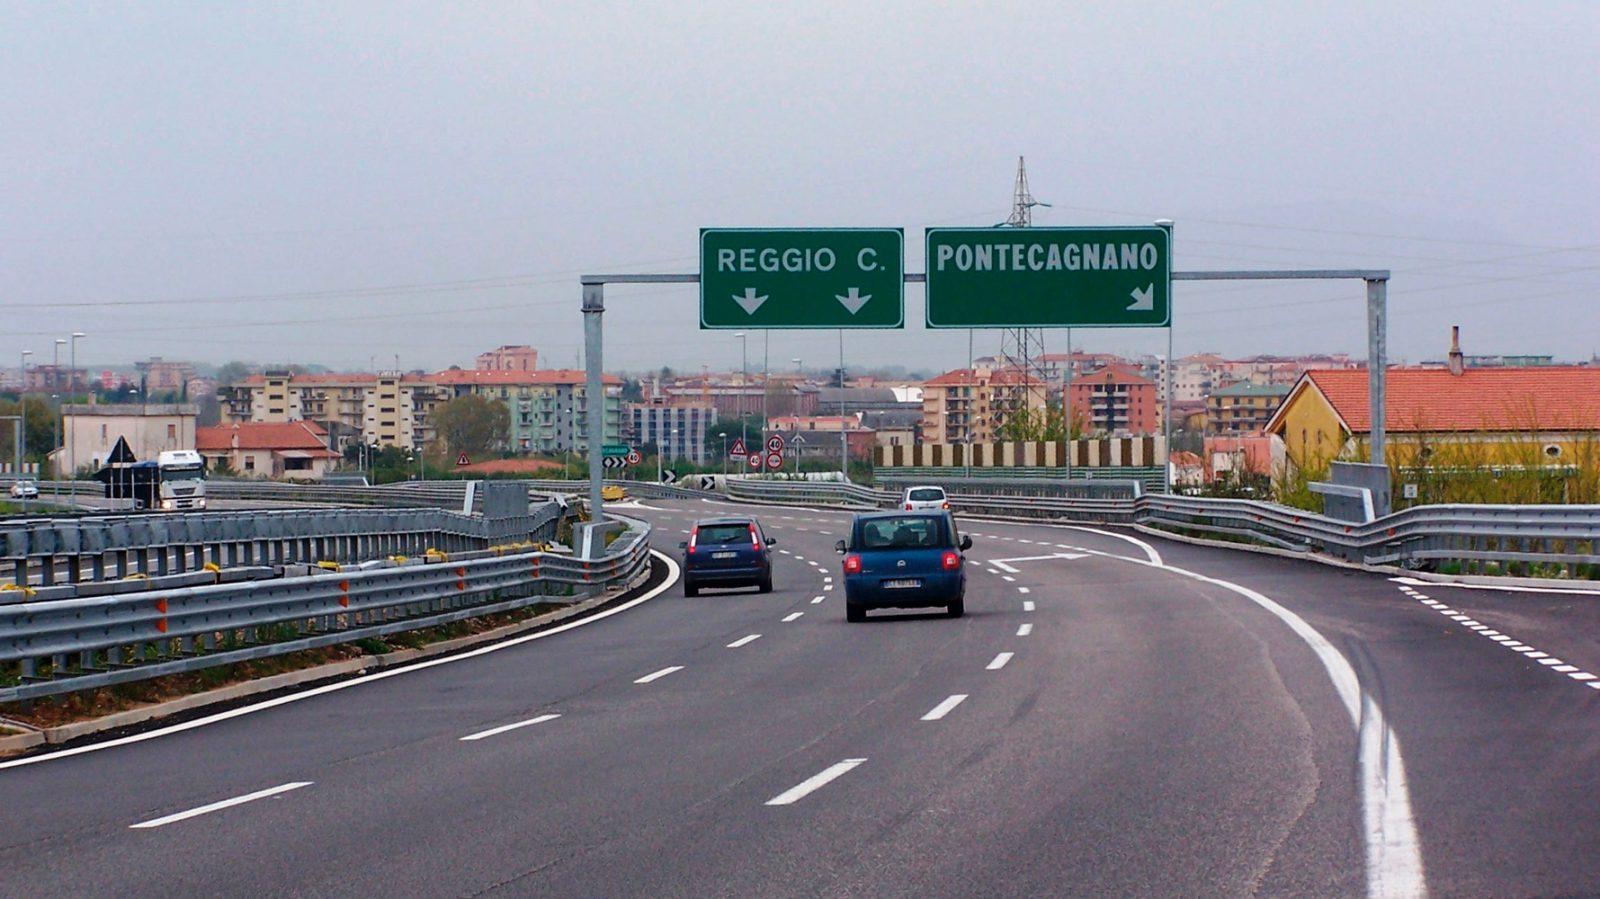 """A3 Salerno – Reggio Calabria (ora A2 """"Autostrada del Mediterraneo), svincolo di Pontecagnano (Archivio storico Anas)"""